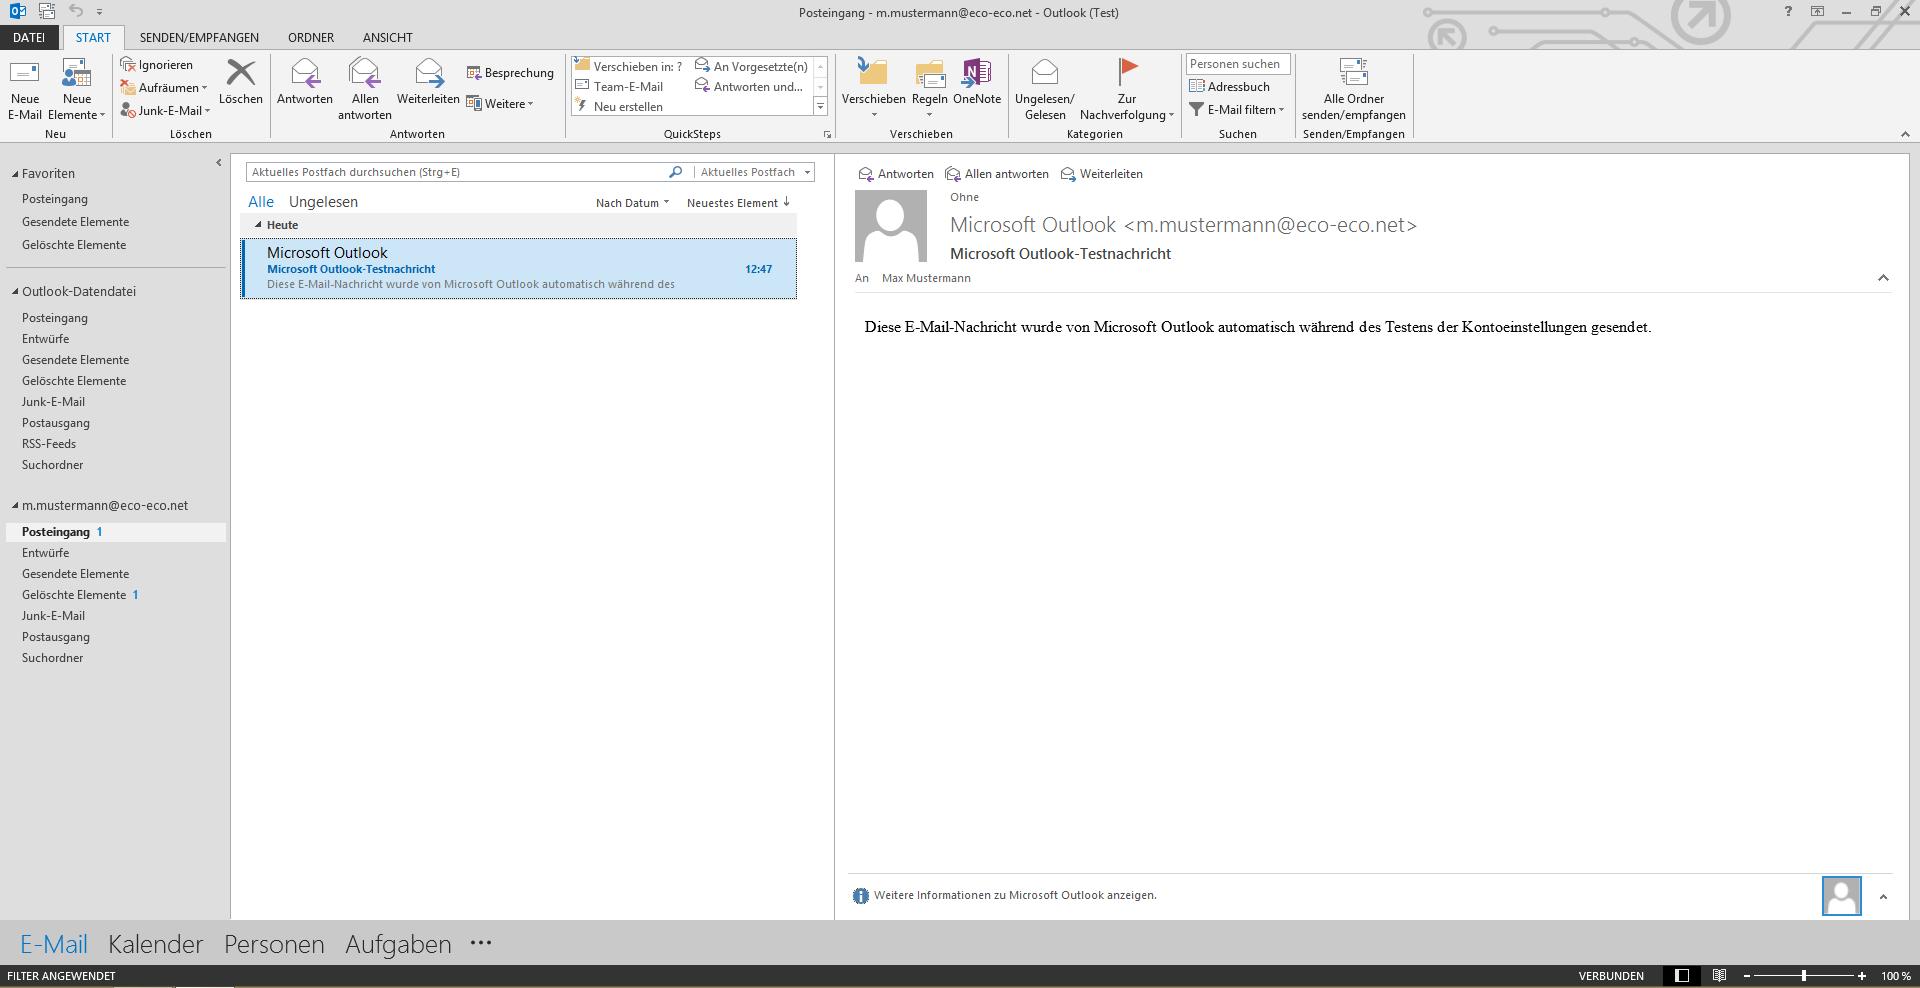 Berühmt E Mail Nachricht Weiterleiten Zeitgenössisch - Beispiel ...